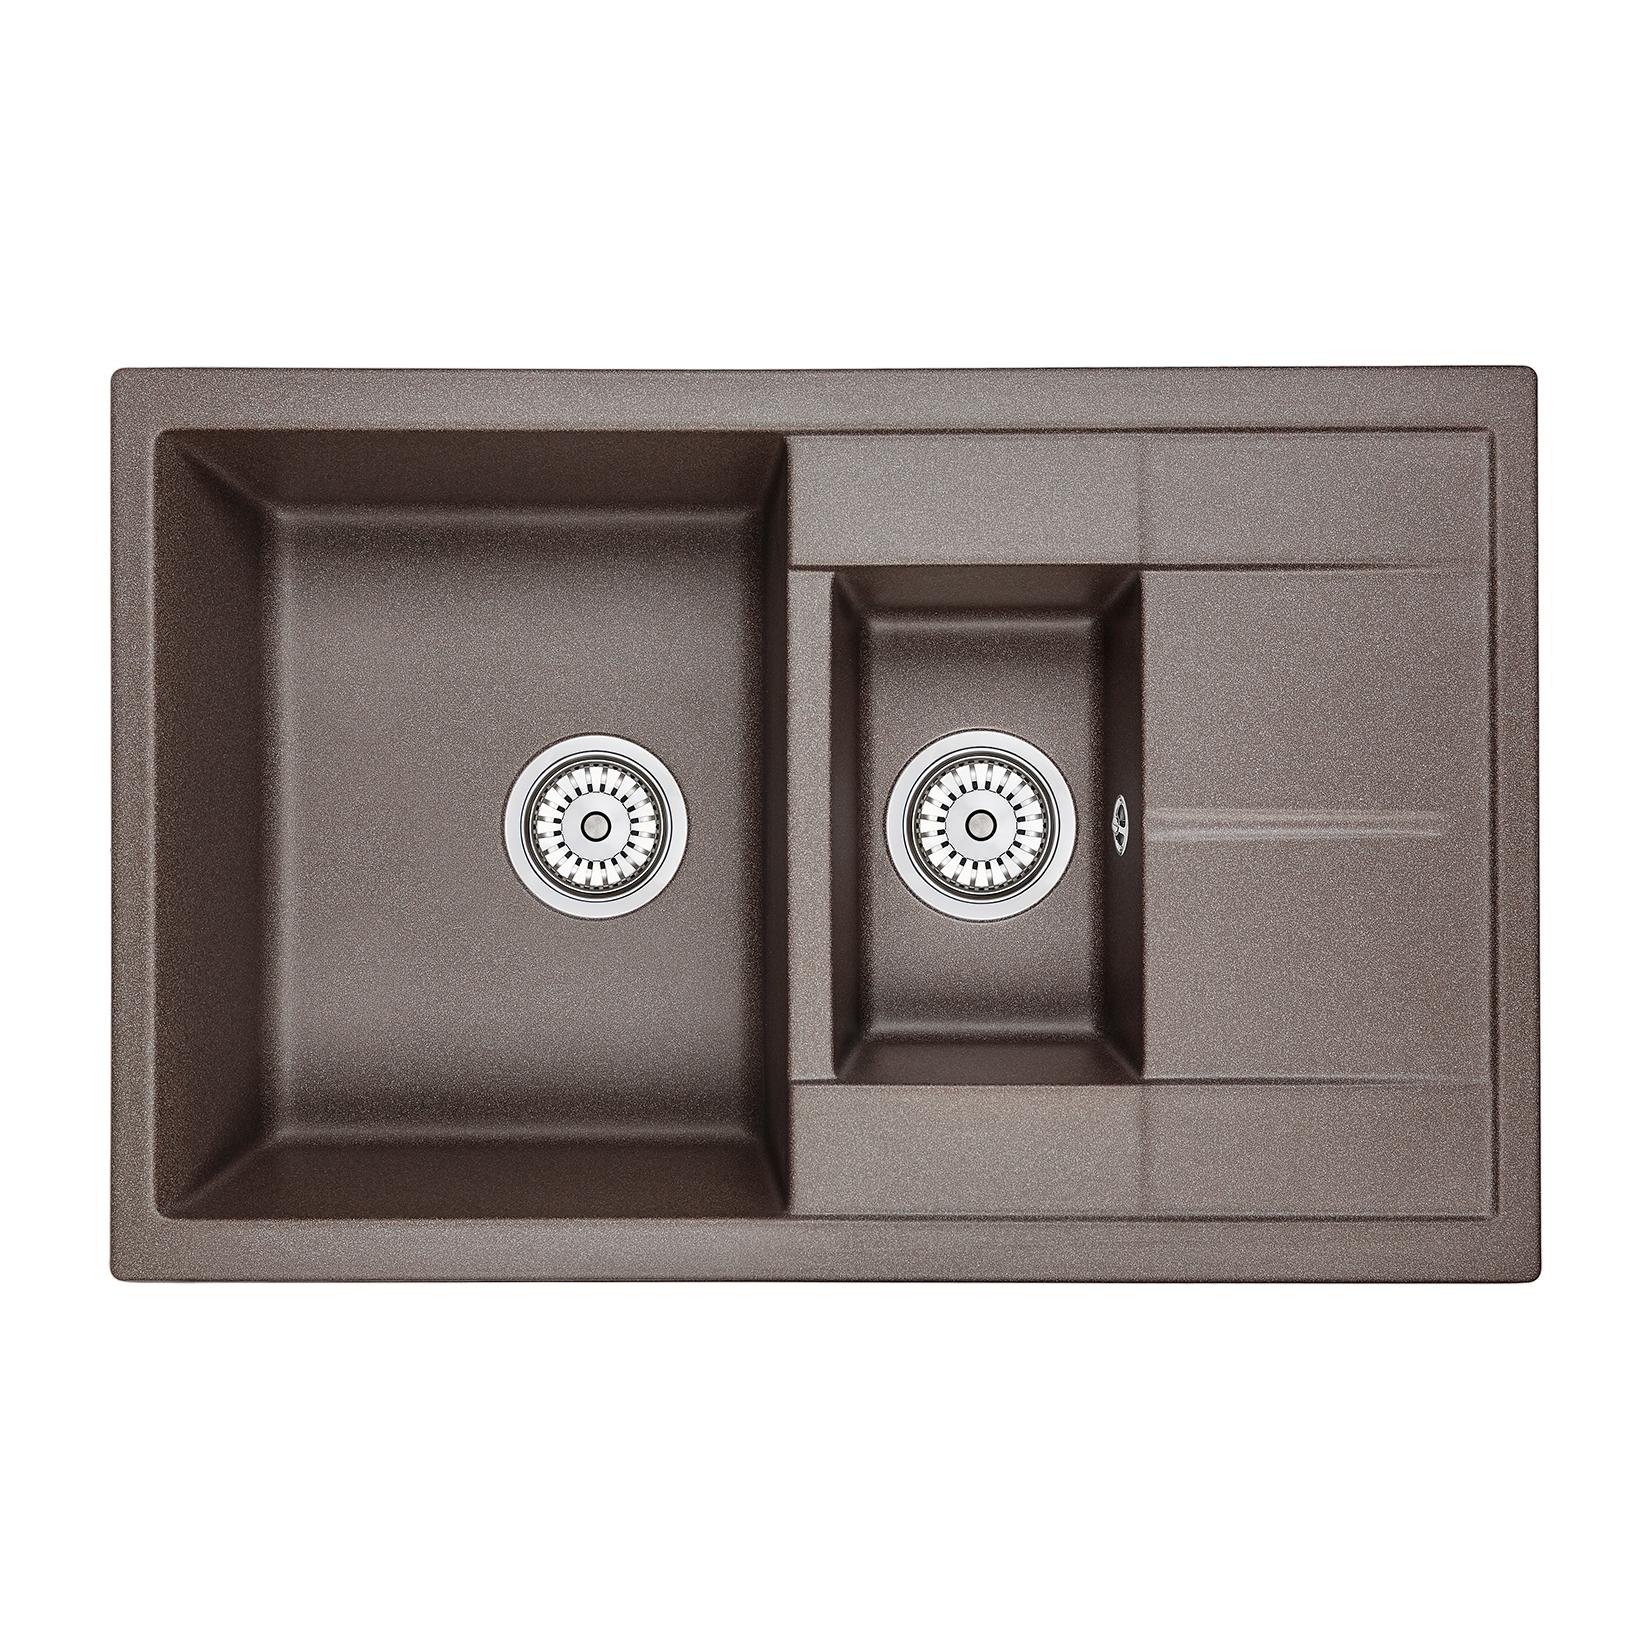 Кухонная мойка Granula GR-7802 775х495 эспрессо кухонная мойка teka centroval mic